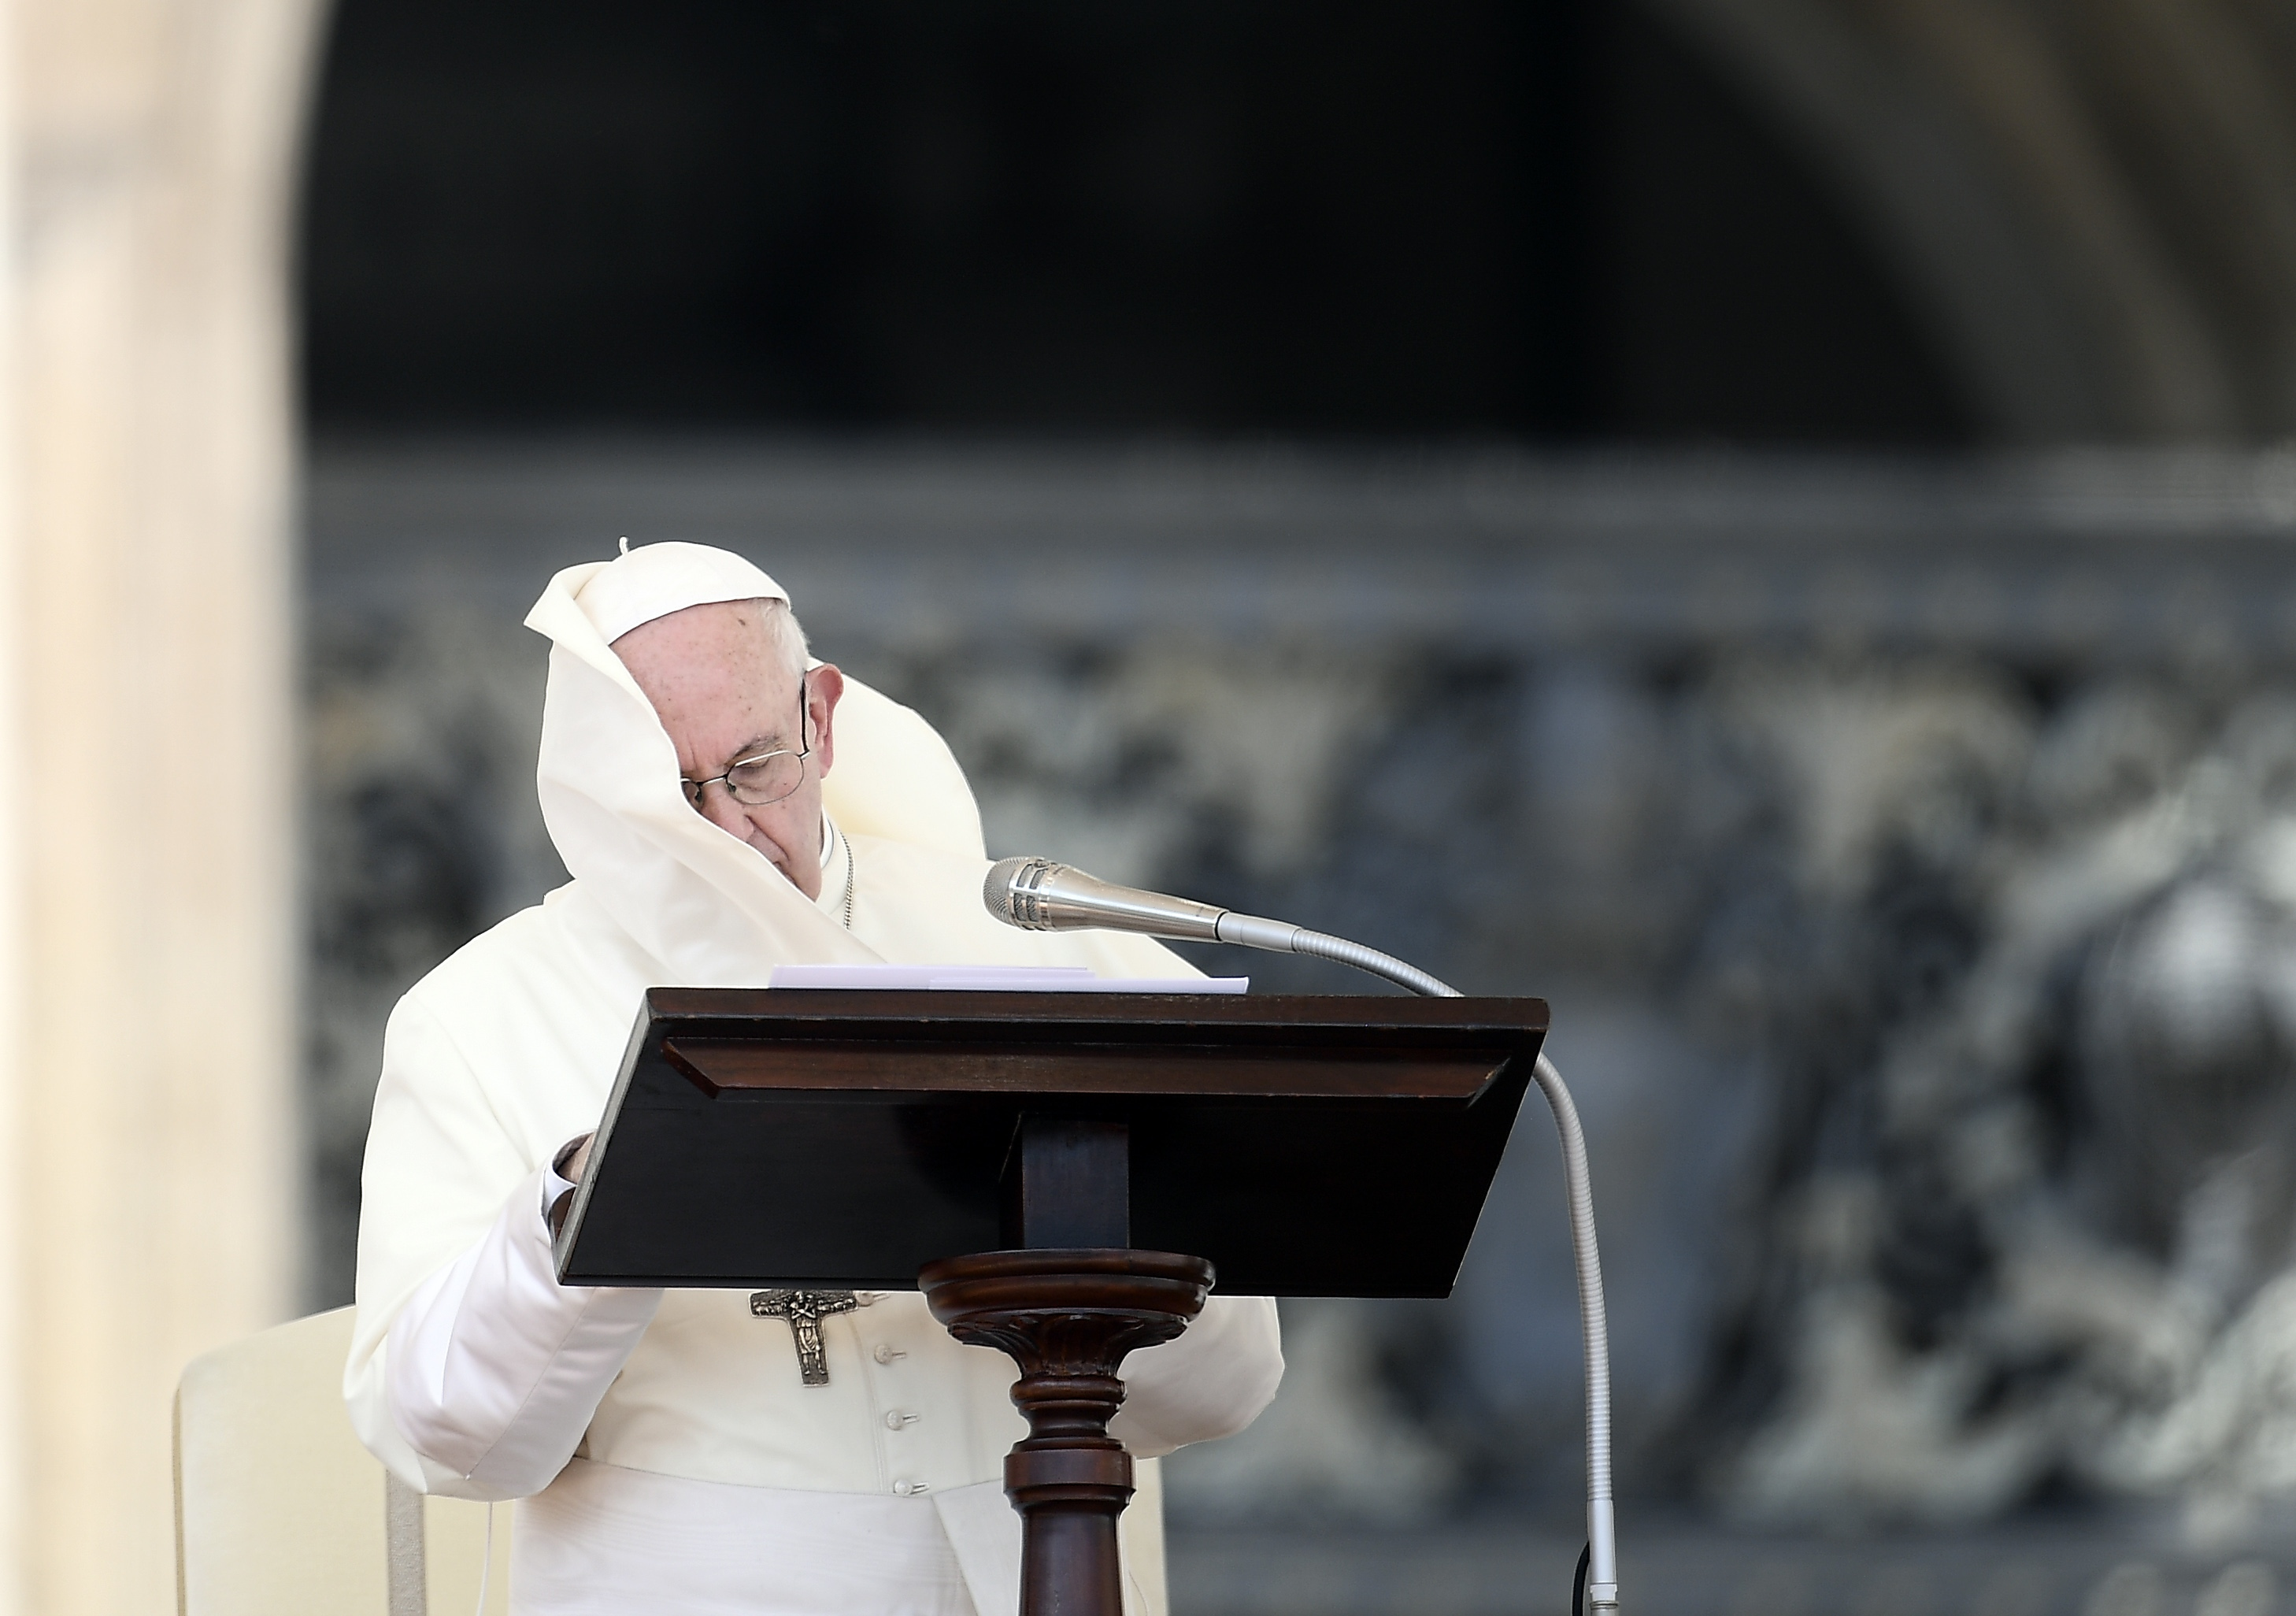 A Vatikán elítélte a Pennsylvaniában leleplezett gyerekmolesztálásokat